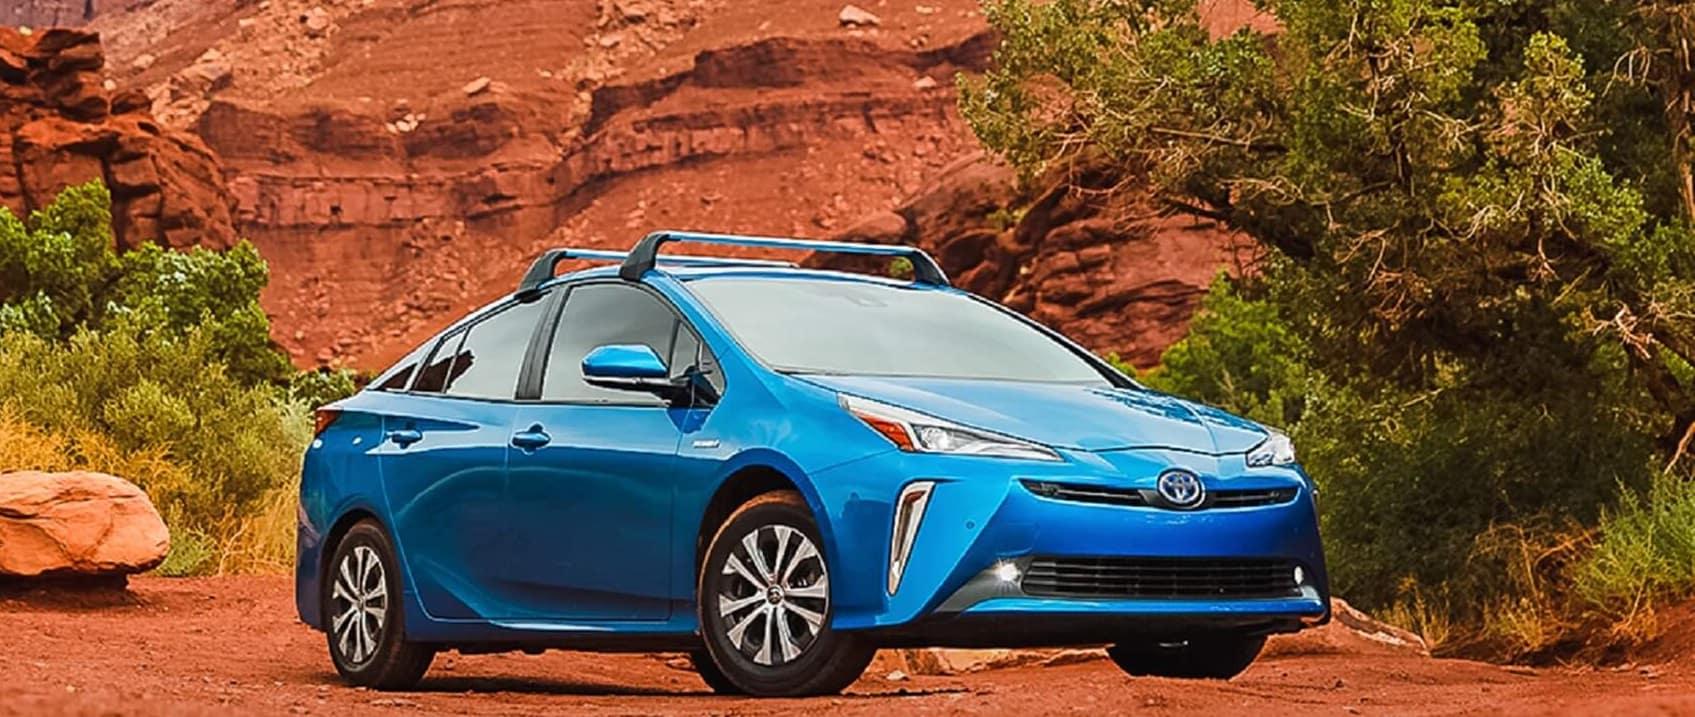 Toyota Prius Electric Specs